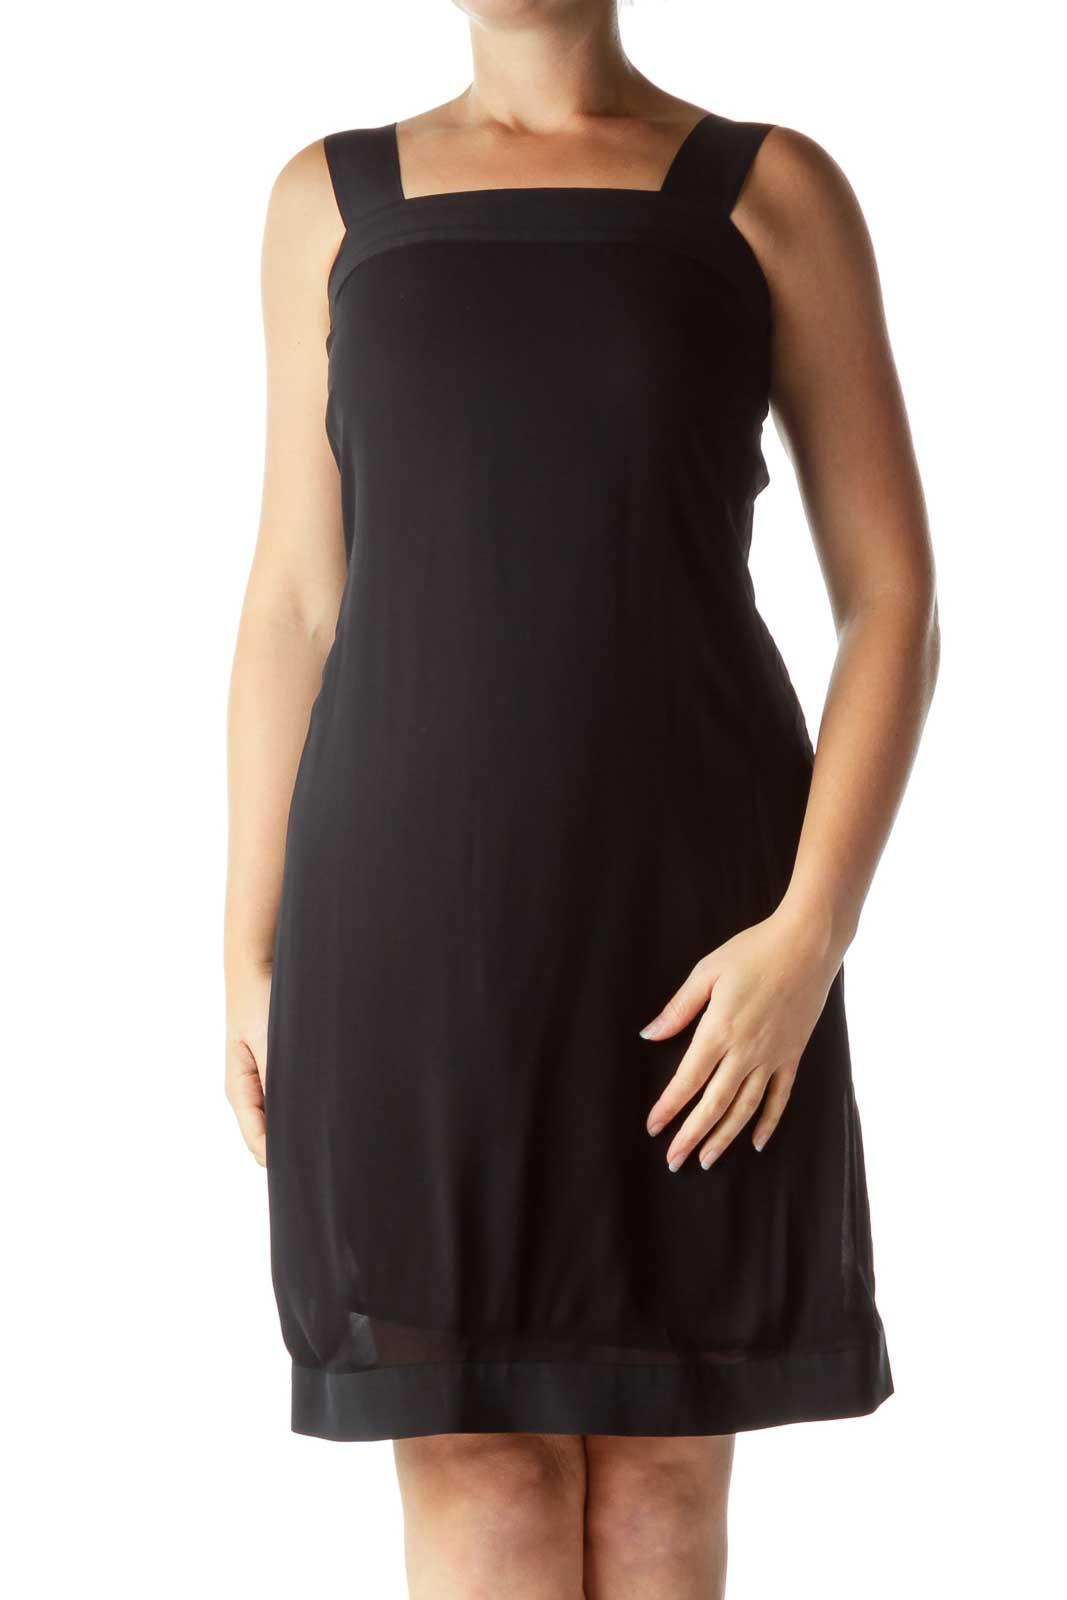 Black Open Back Cocktail Dress Front